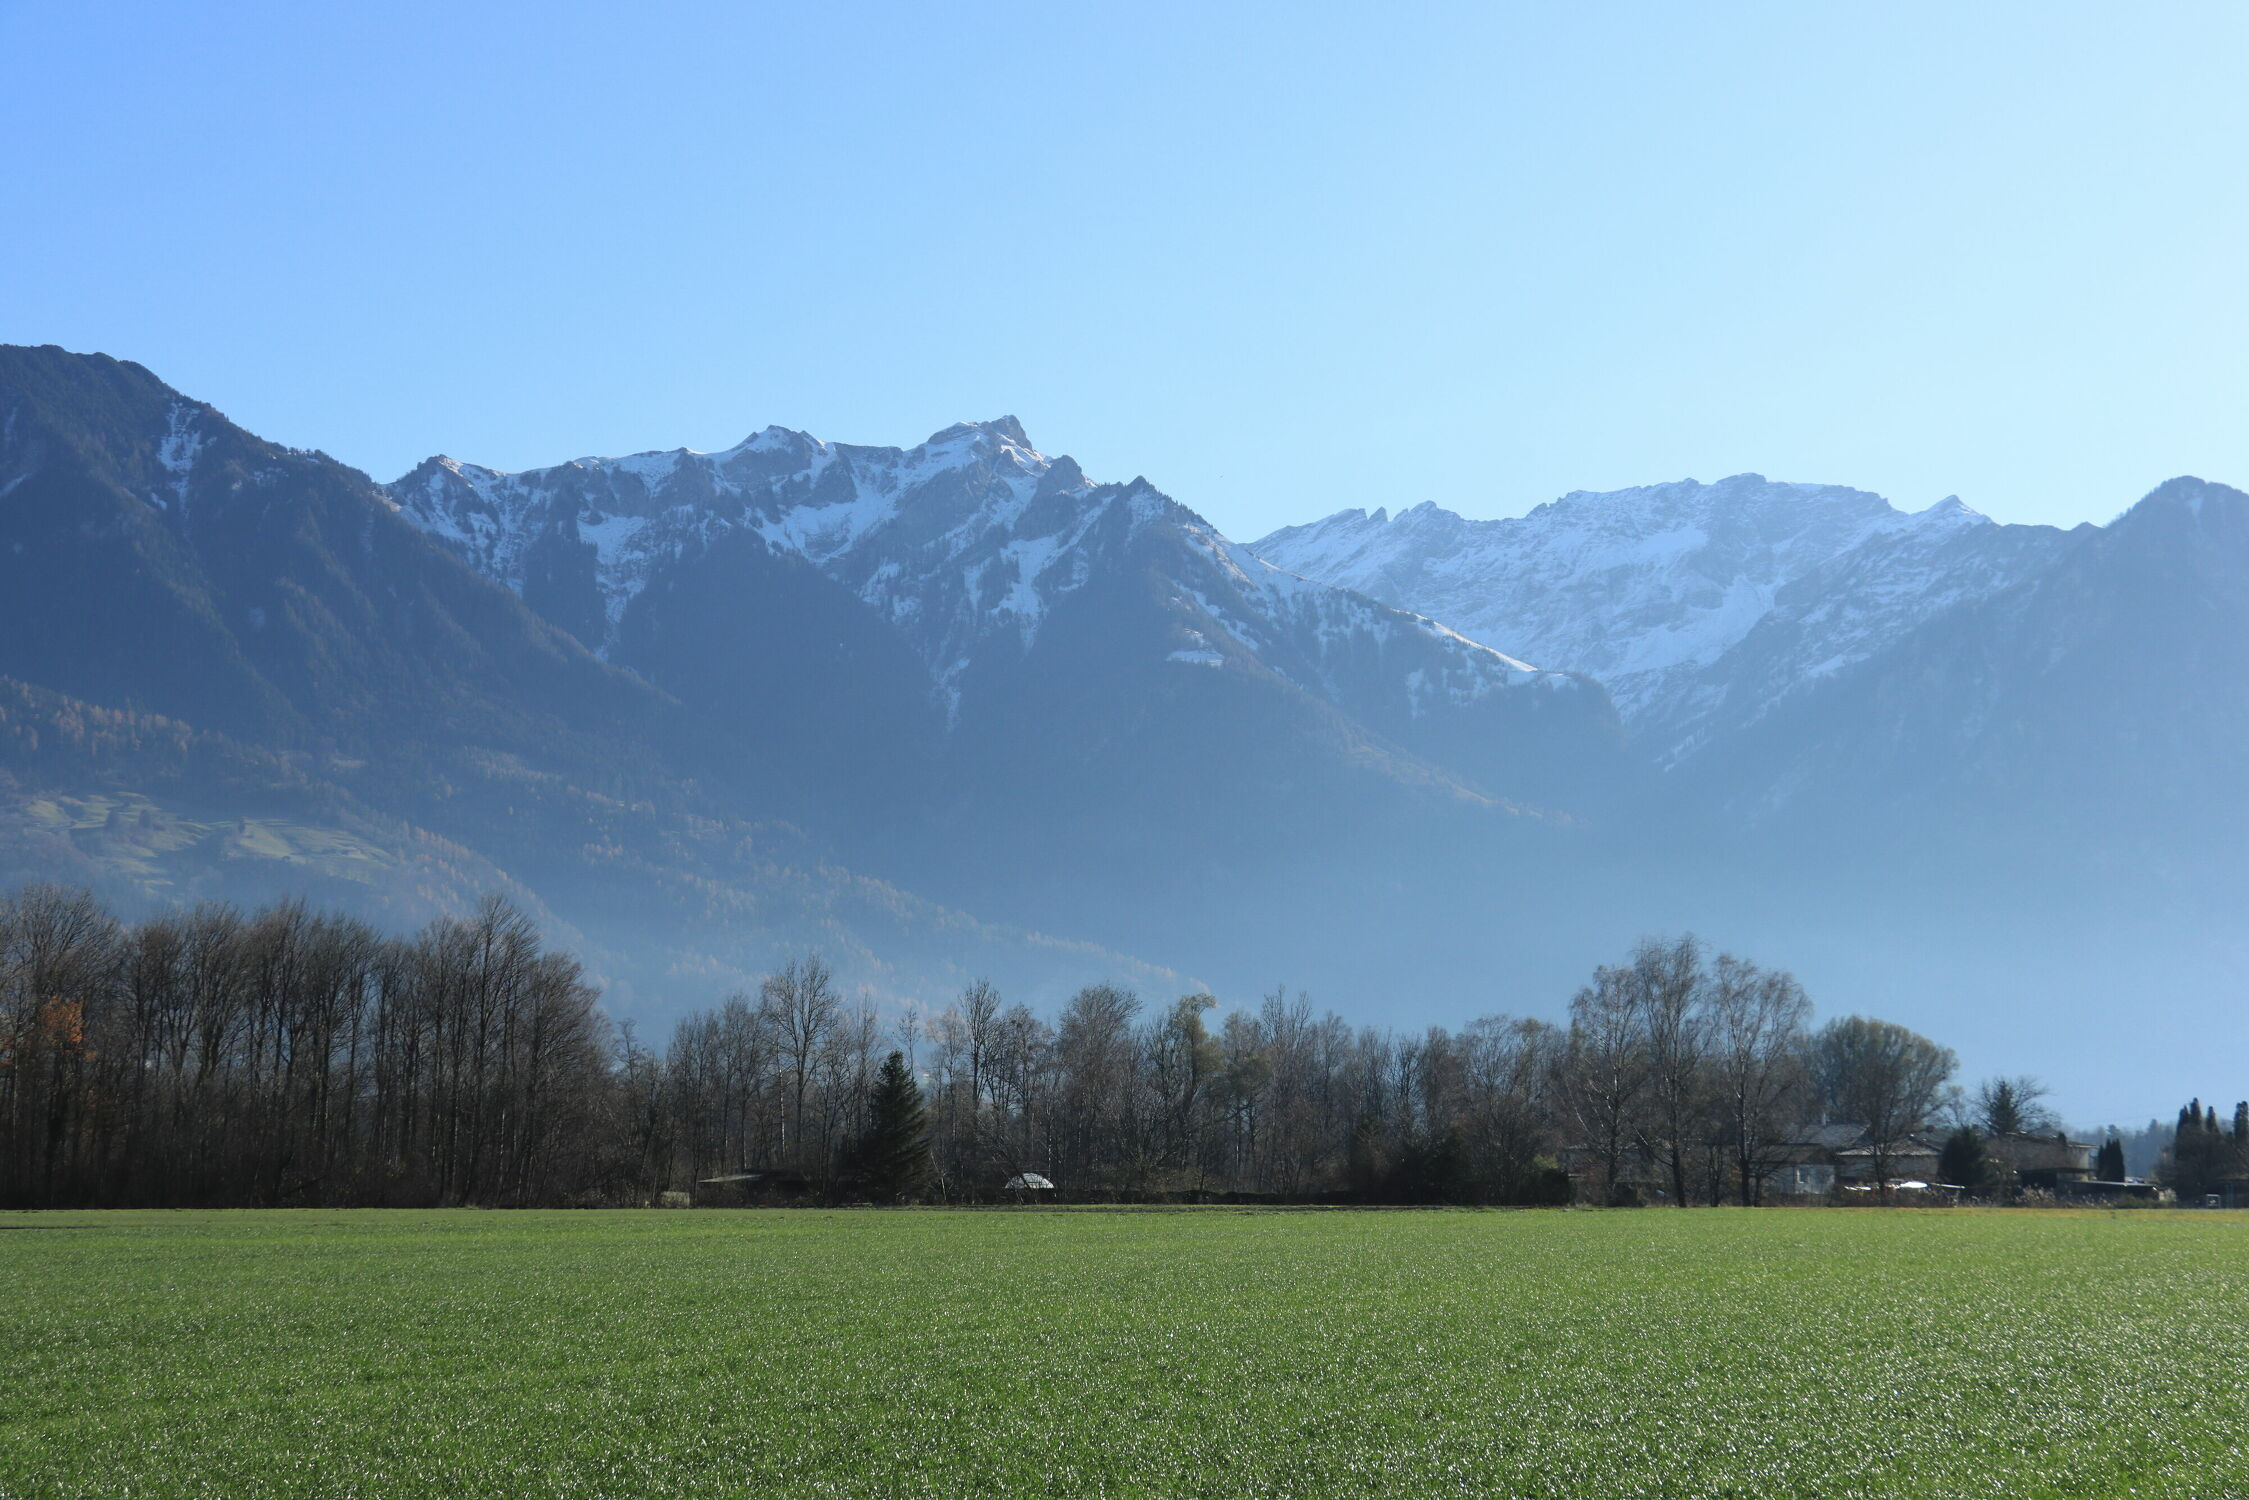 Bild mit Landschaften, Berge, Bäume, Ackerland